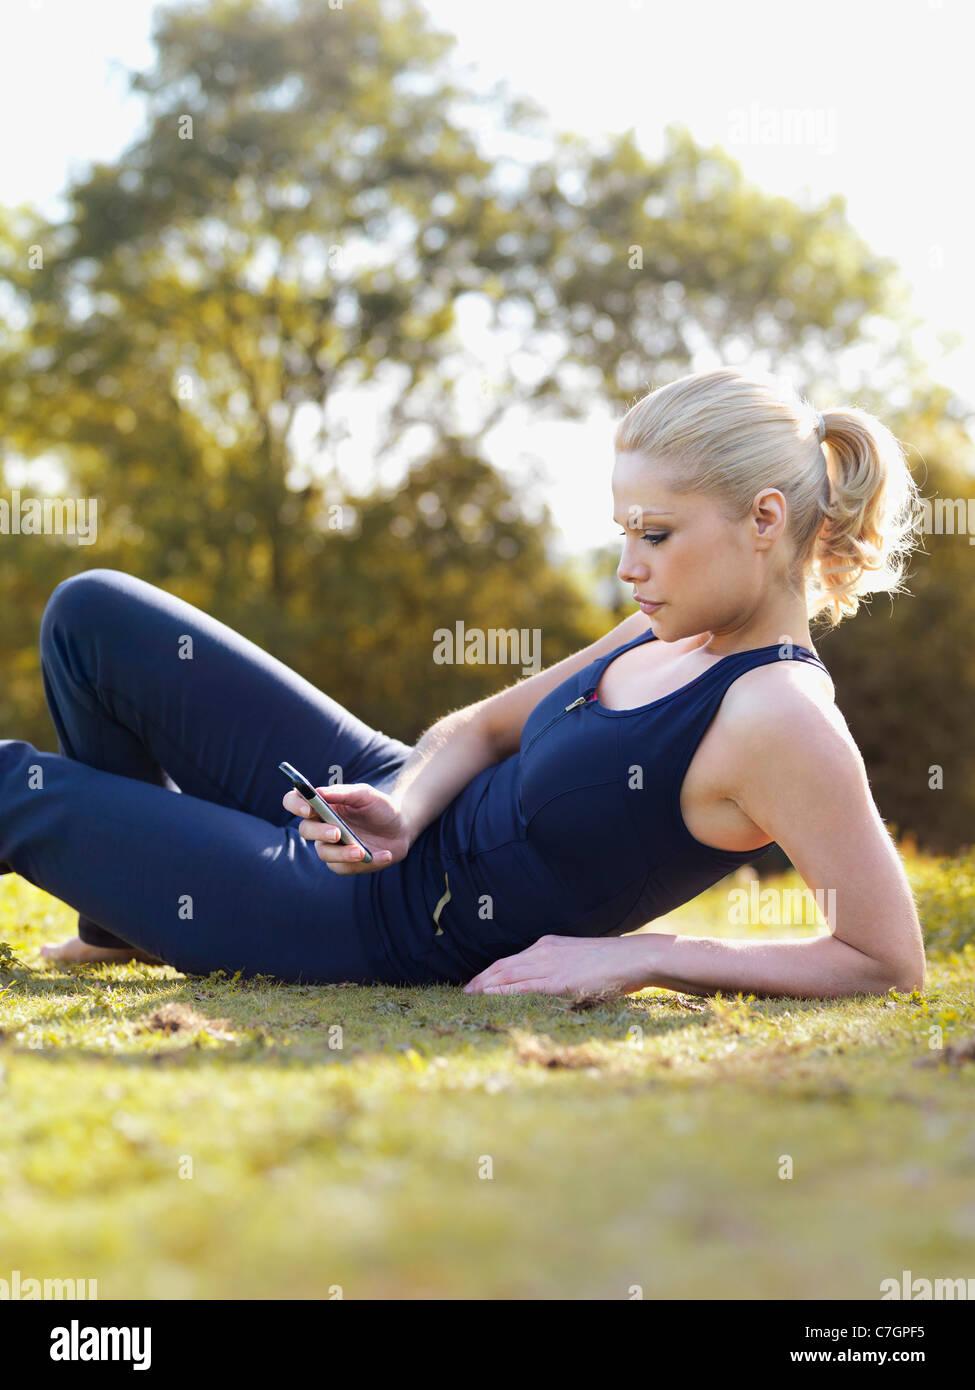 Una mujer en ropa deportiva sentados en el césped leyendo un mensaje de texto Imagen De Stock